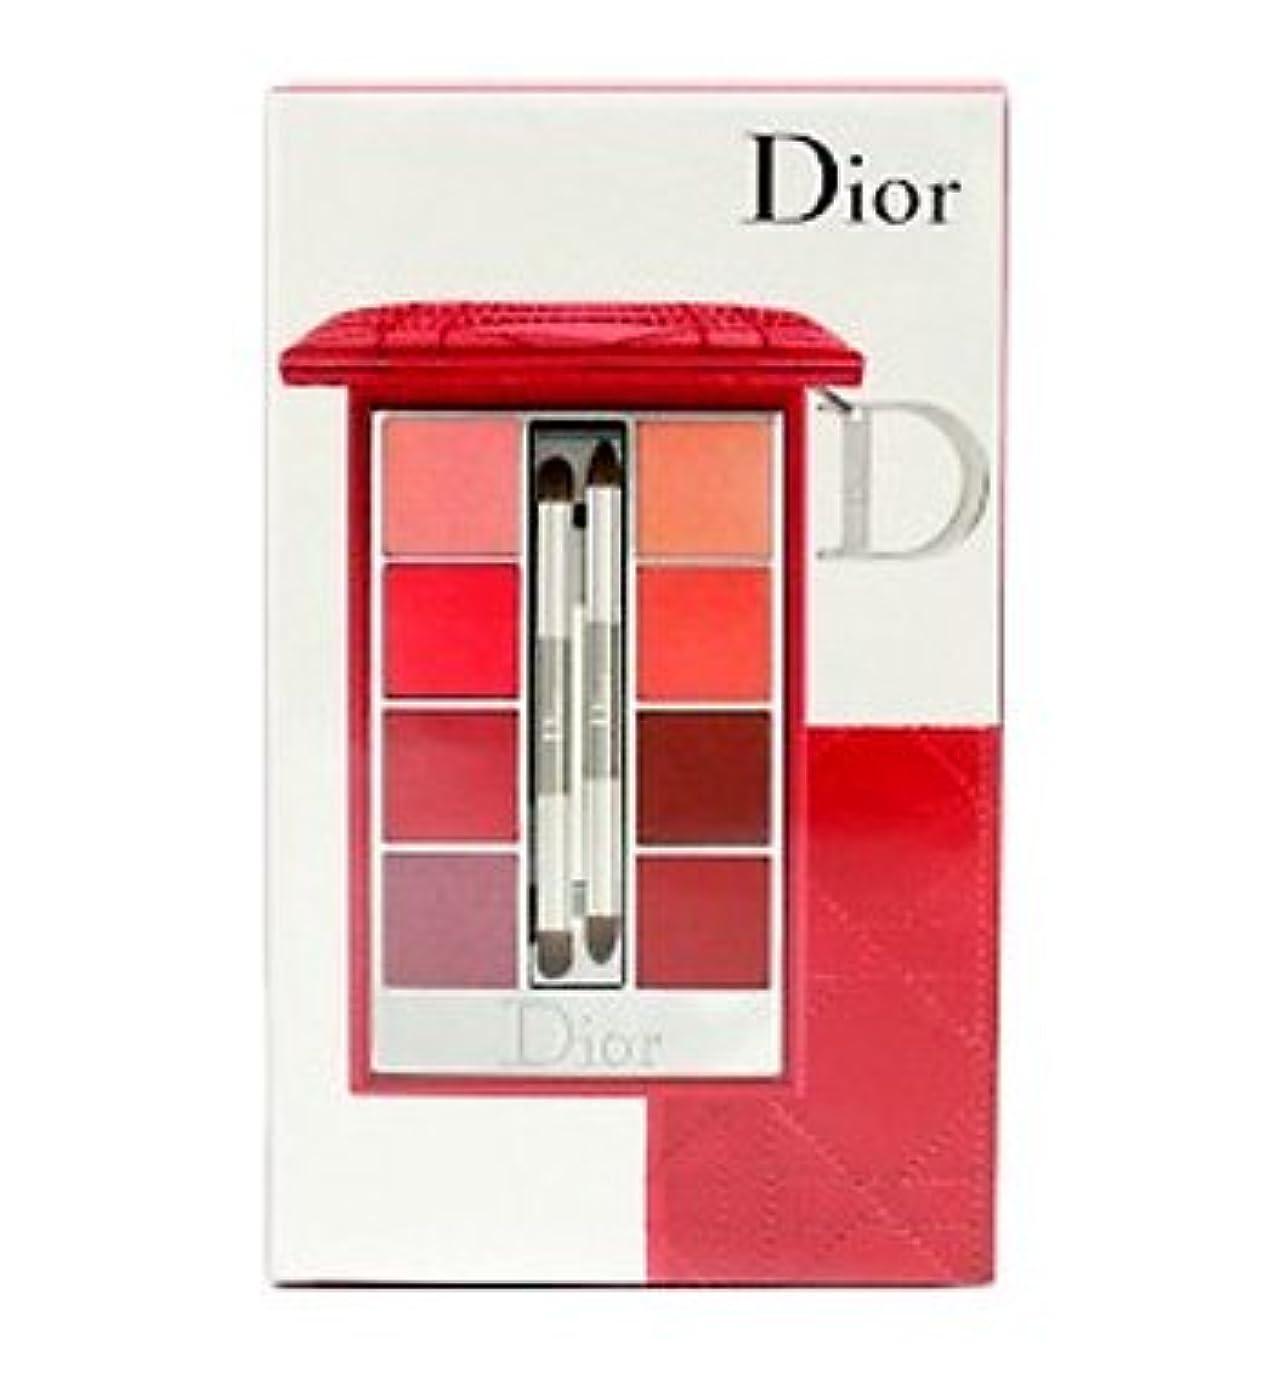 二十ジャニス奨励しますクリスチャン ディオール カナージュコレクション リップパレット Christian Dior